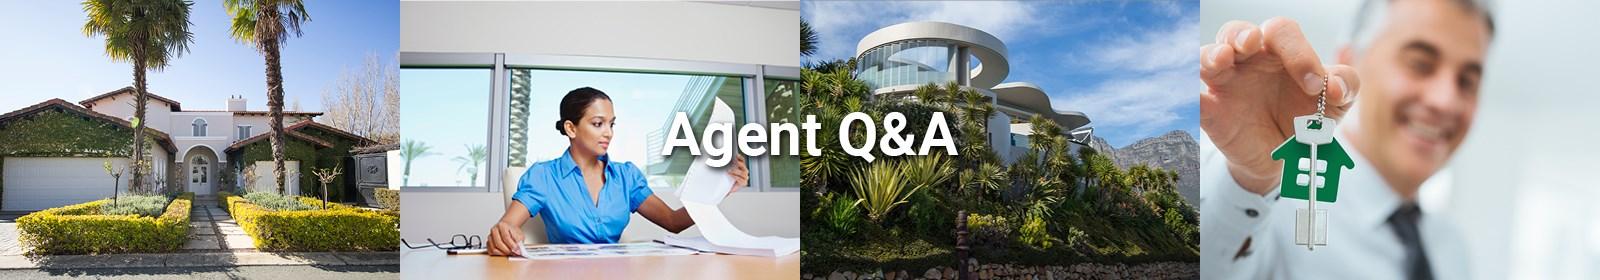 Cape Town City Bowl estate agent Q&A